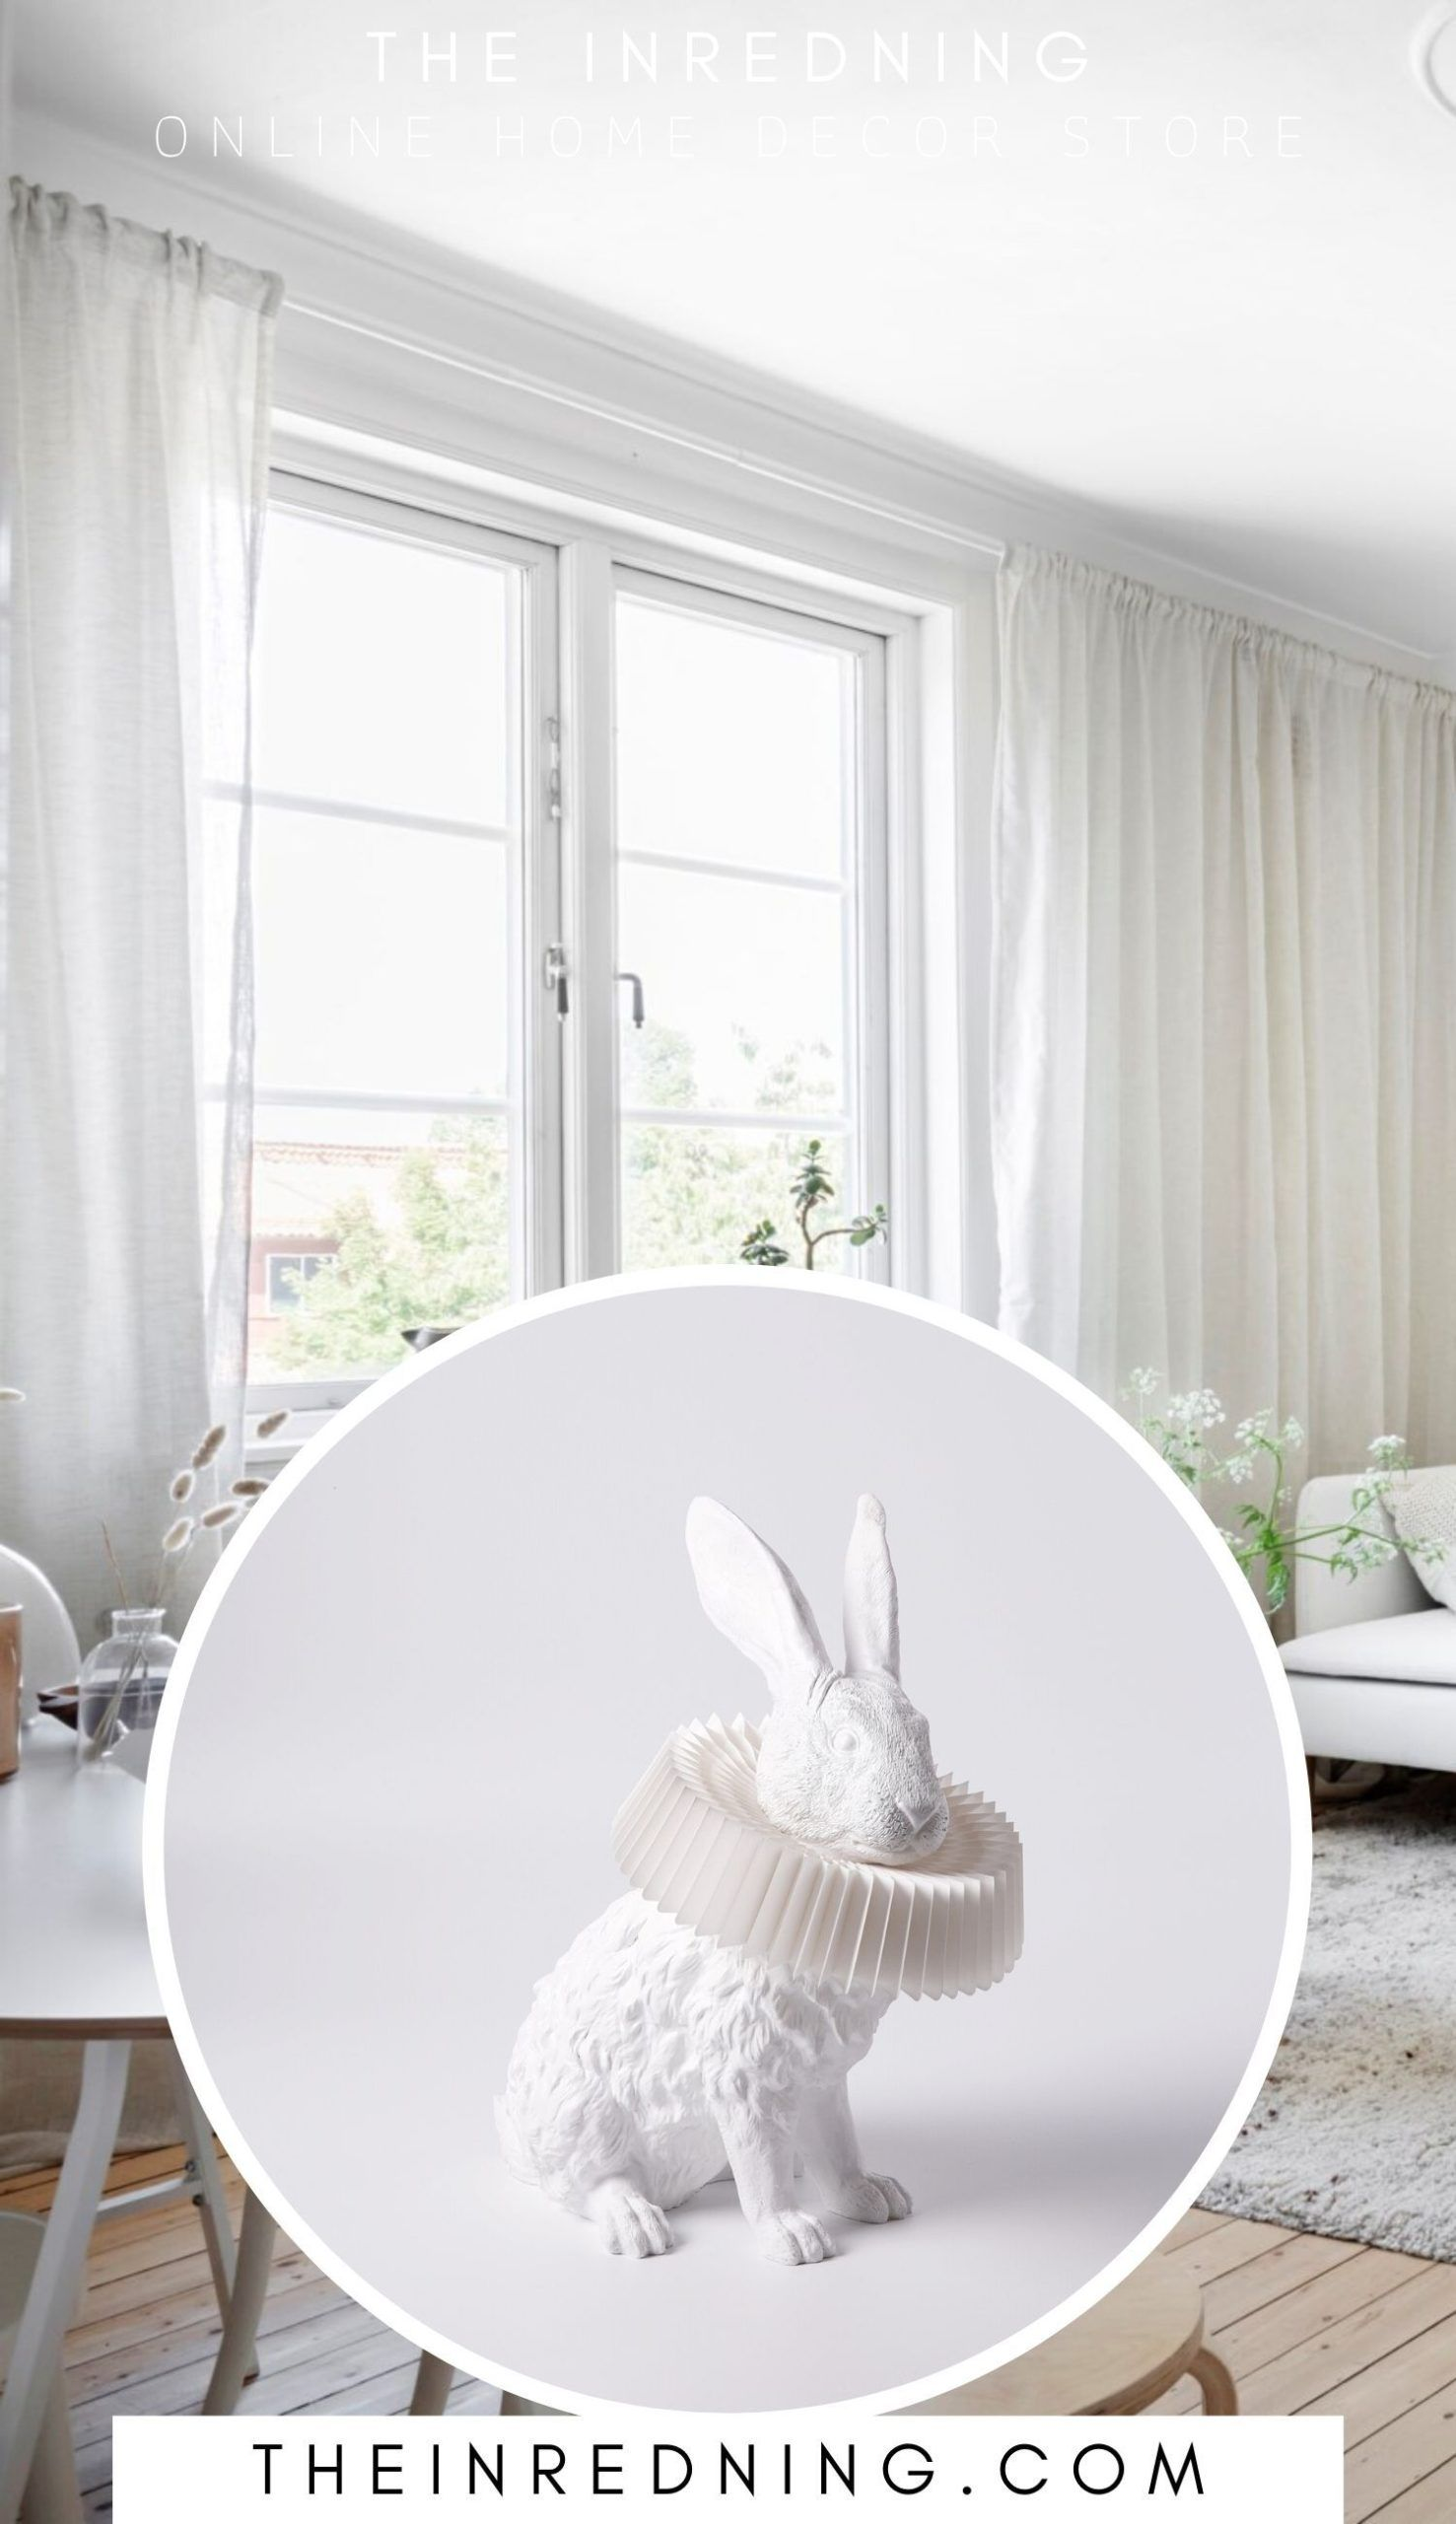 Hasenlampe Mit Deko Skulptur Fur Wohnzimmer Schlafzimmer Kinderzimmer Deko Fur Hasenlampe Kinderzimmer Mit In 2020 Kinder Zimmer Kinderzimmer Deko Skulpturen